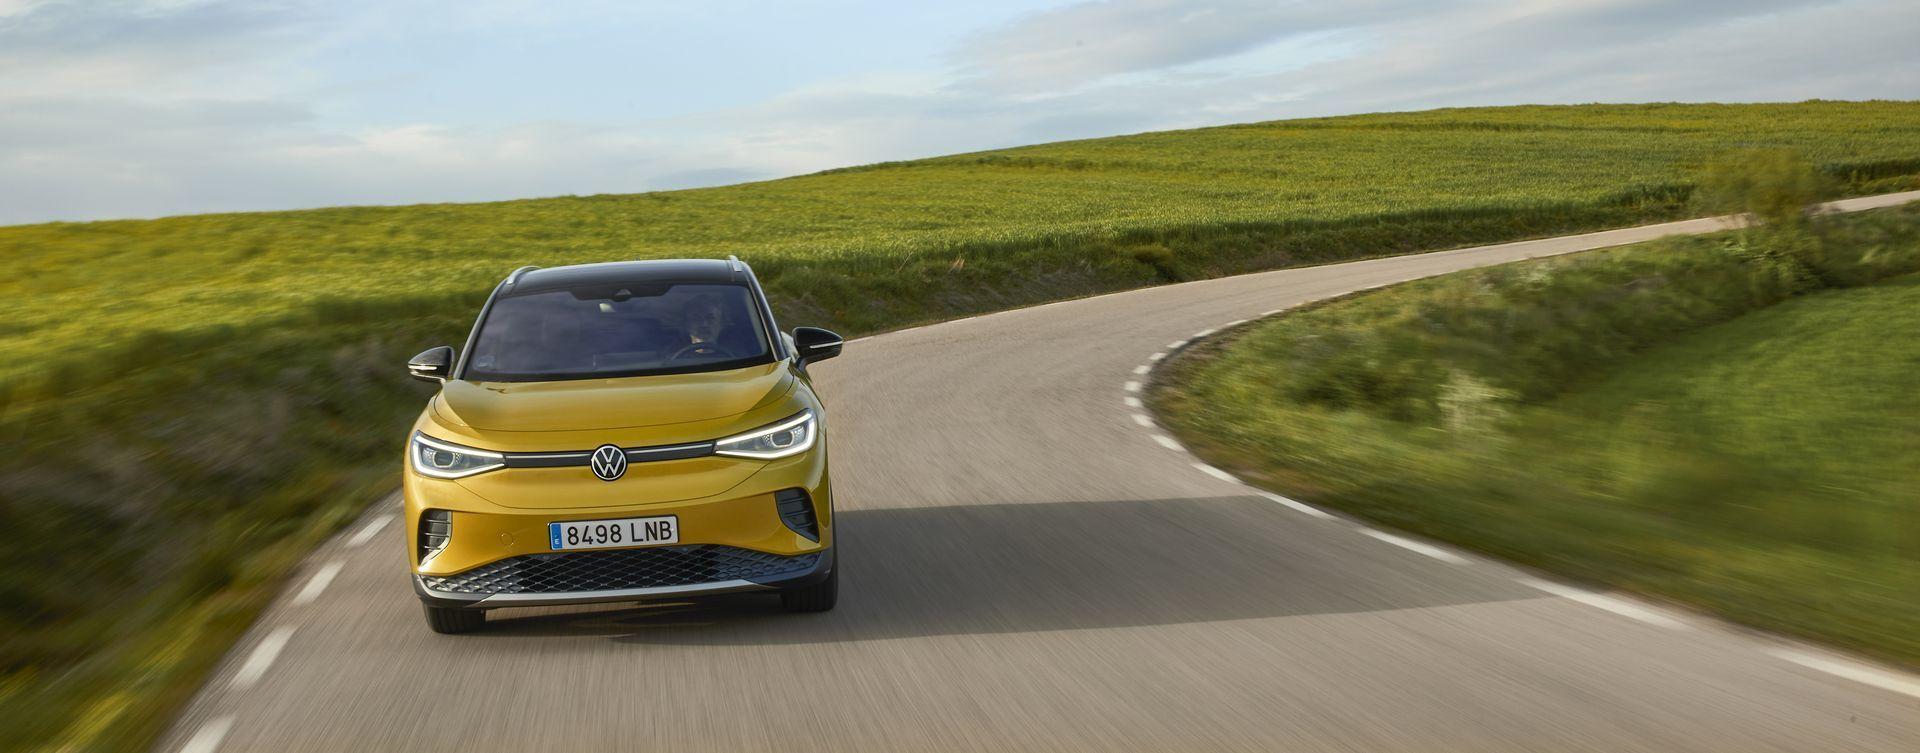 Prueba Volkswagen Id 4 2021 57